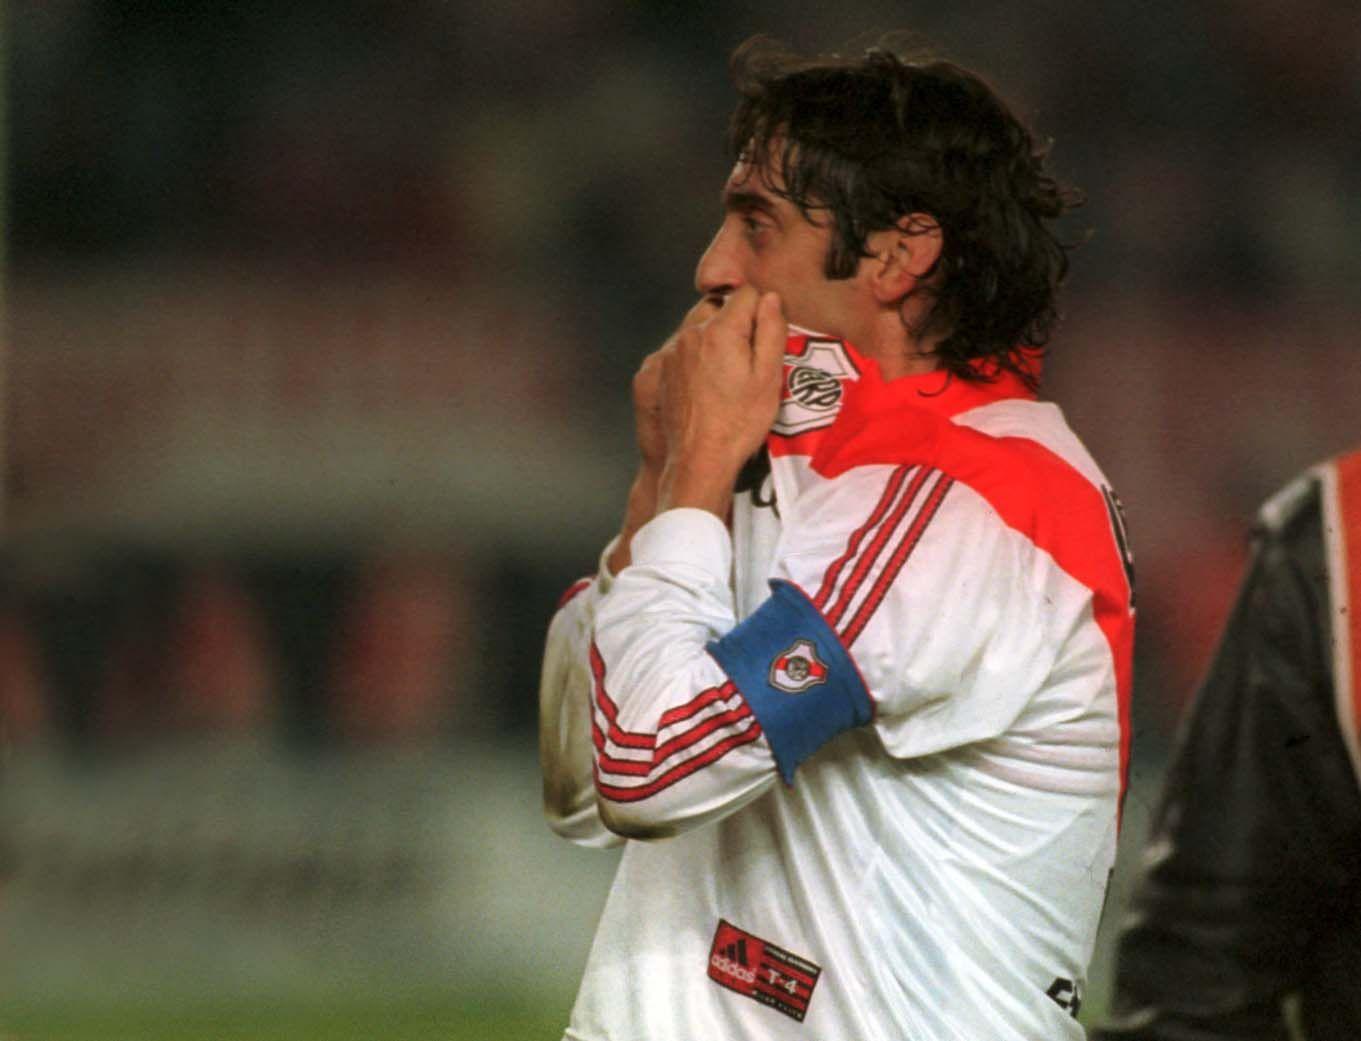 FšTBOL 1999 Despedida de Enzo Francescoli en River